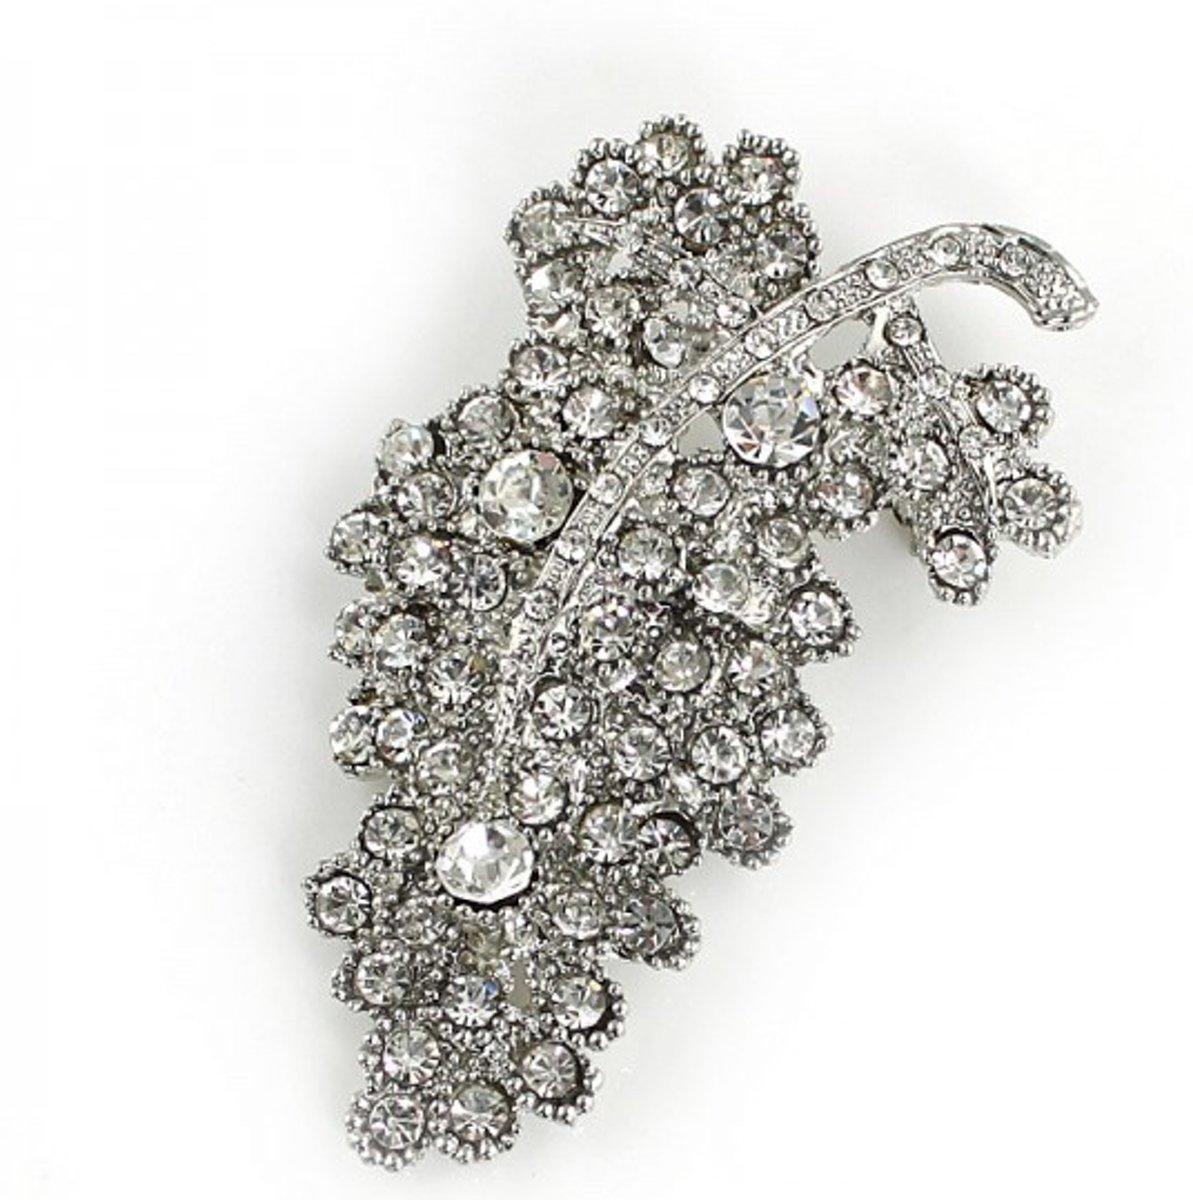 Broche met Kristal - 7.5 cm - Musthaves kopen